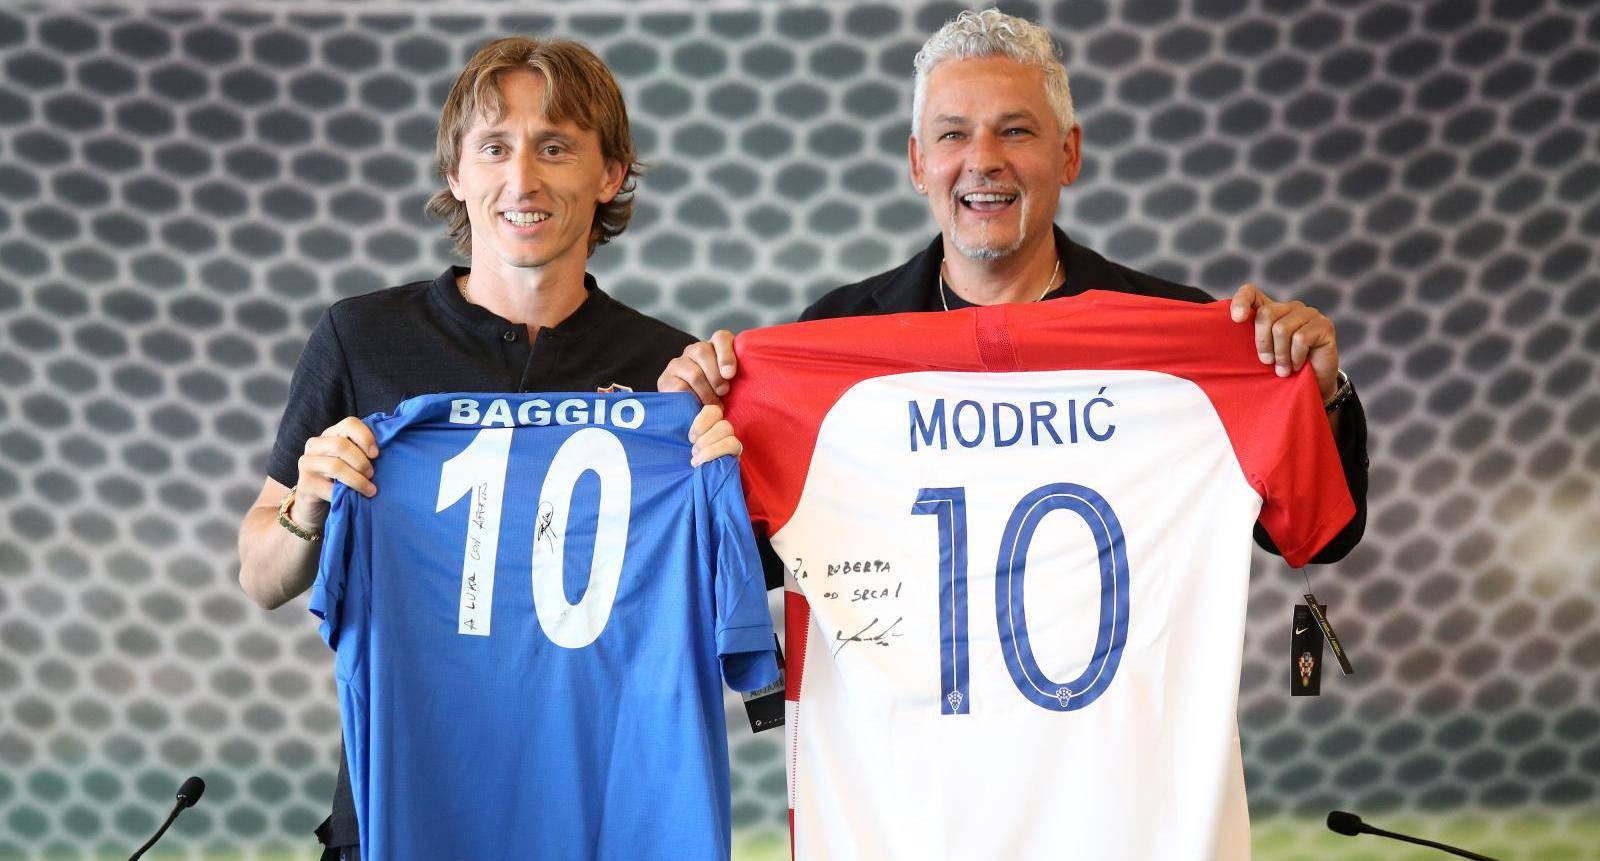 Opatija: Roberto Baggio na predstavljanju nogometnog kampa za djecu